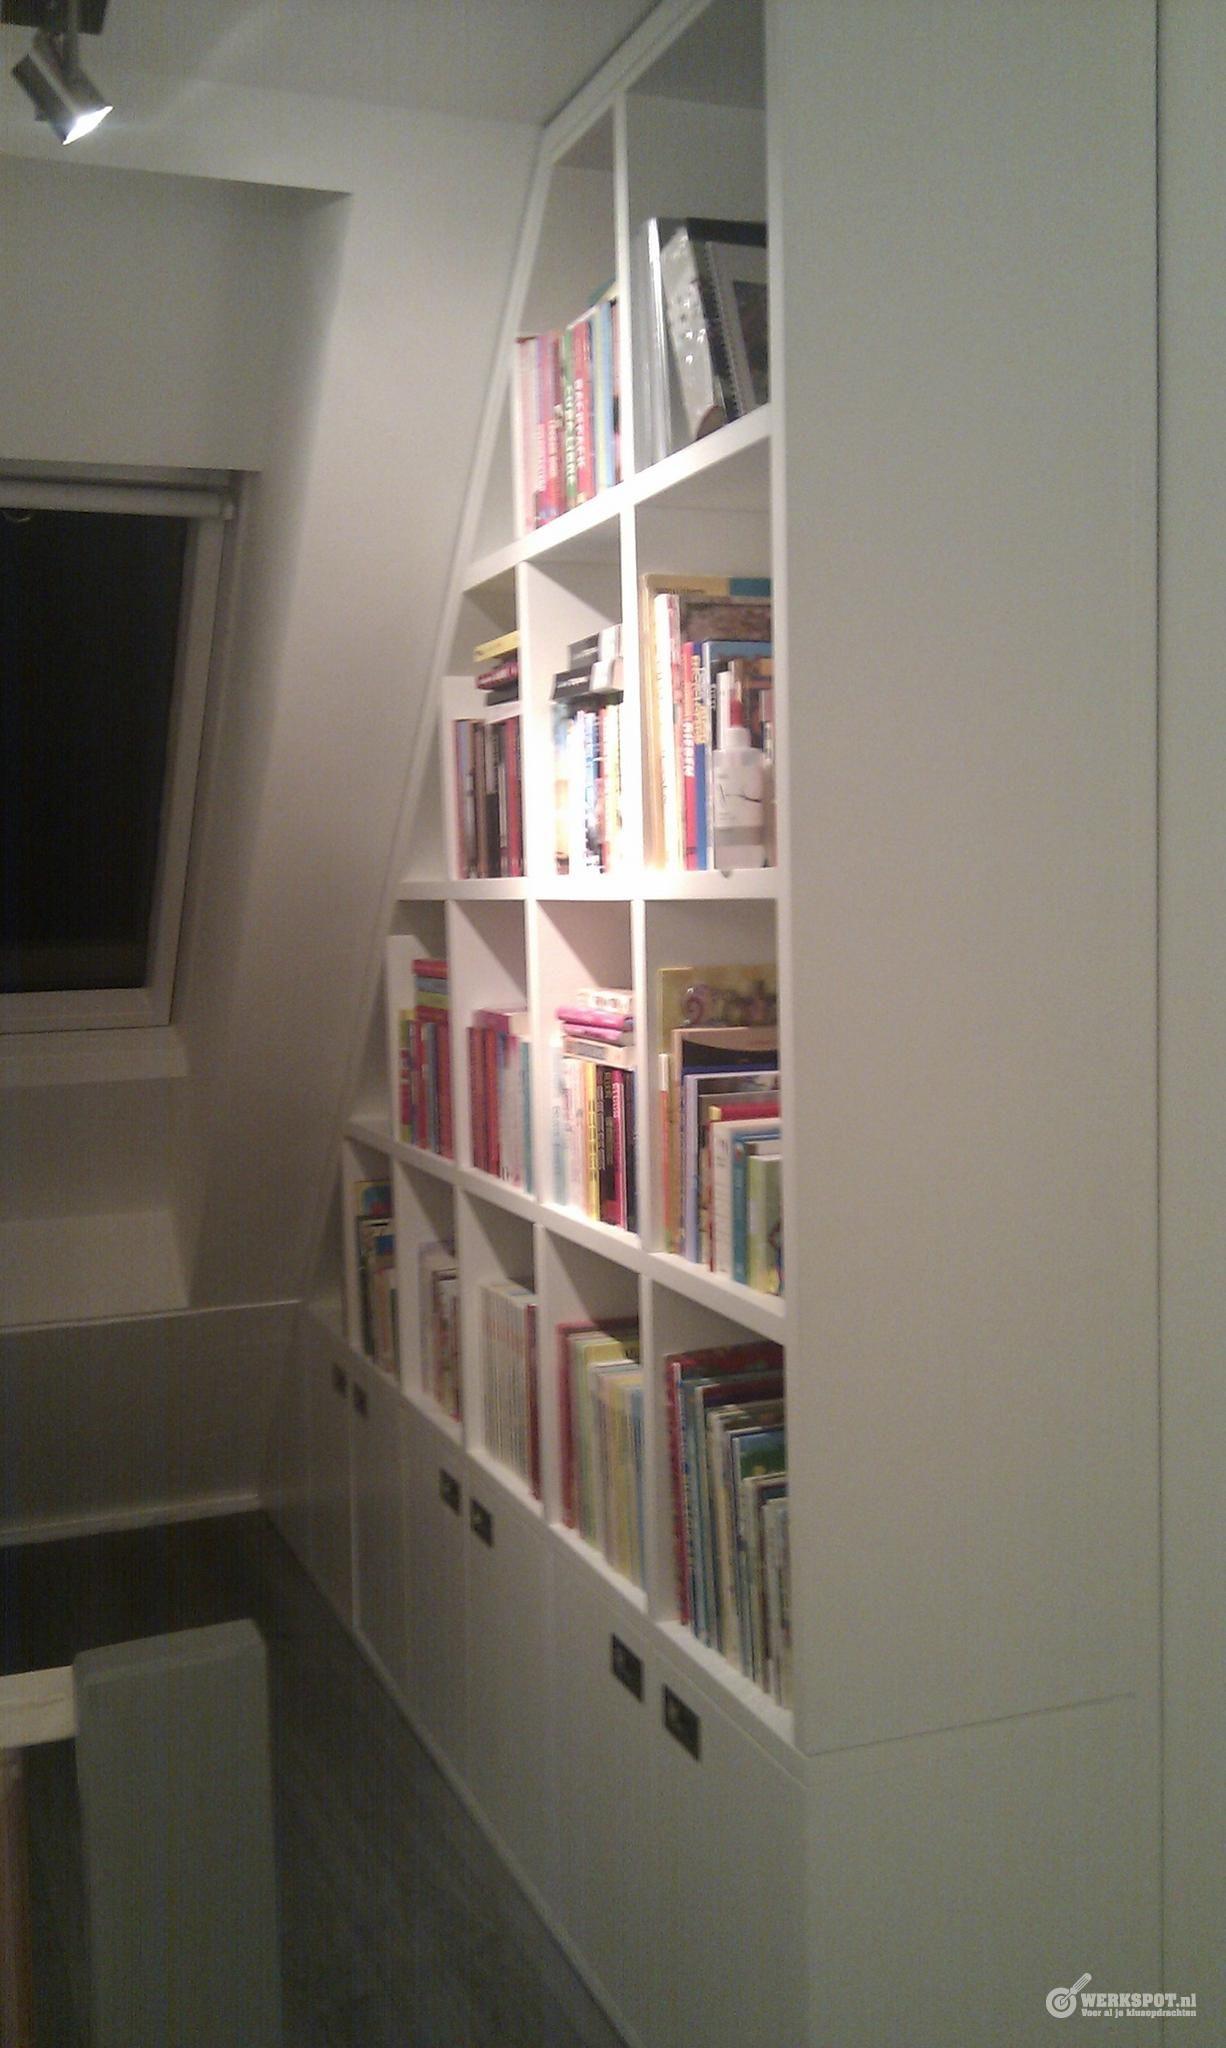 boekenkast onder schuin dak studiezalen portiek ikea huizen